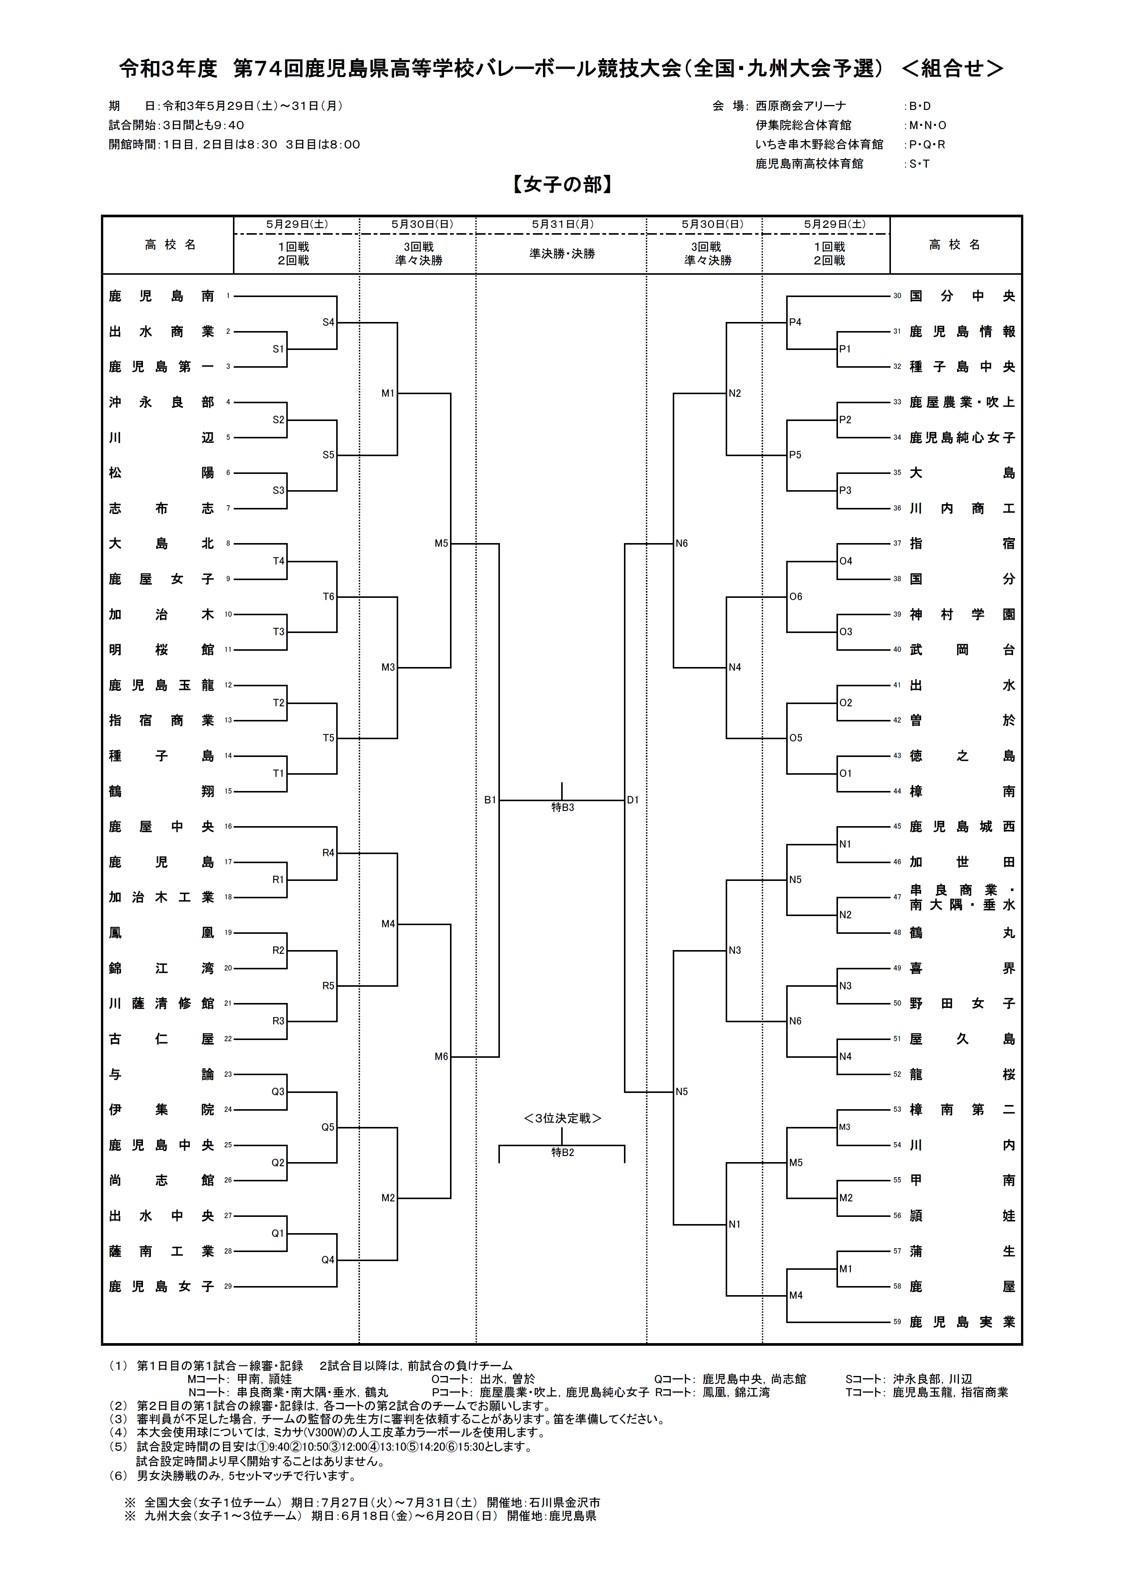 2021年度_インターハイ予選_鹿児島県予選_女子_組合せ